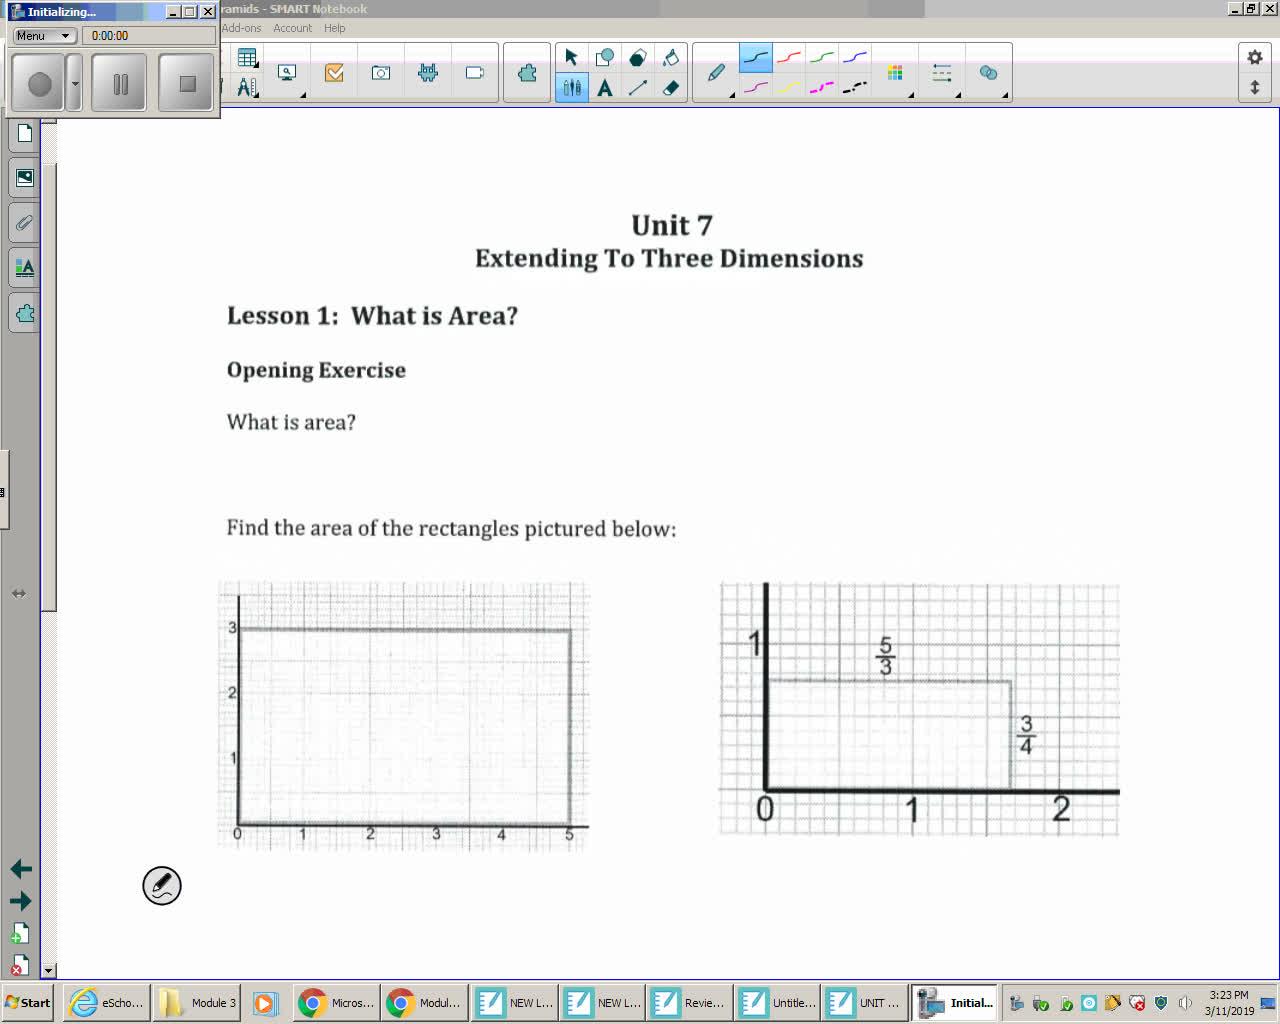 Mod 3A Lesson 1